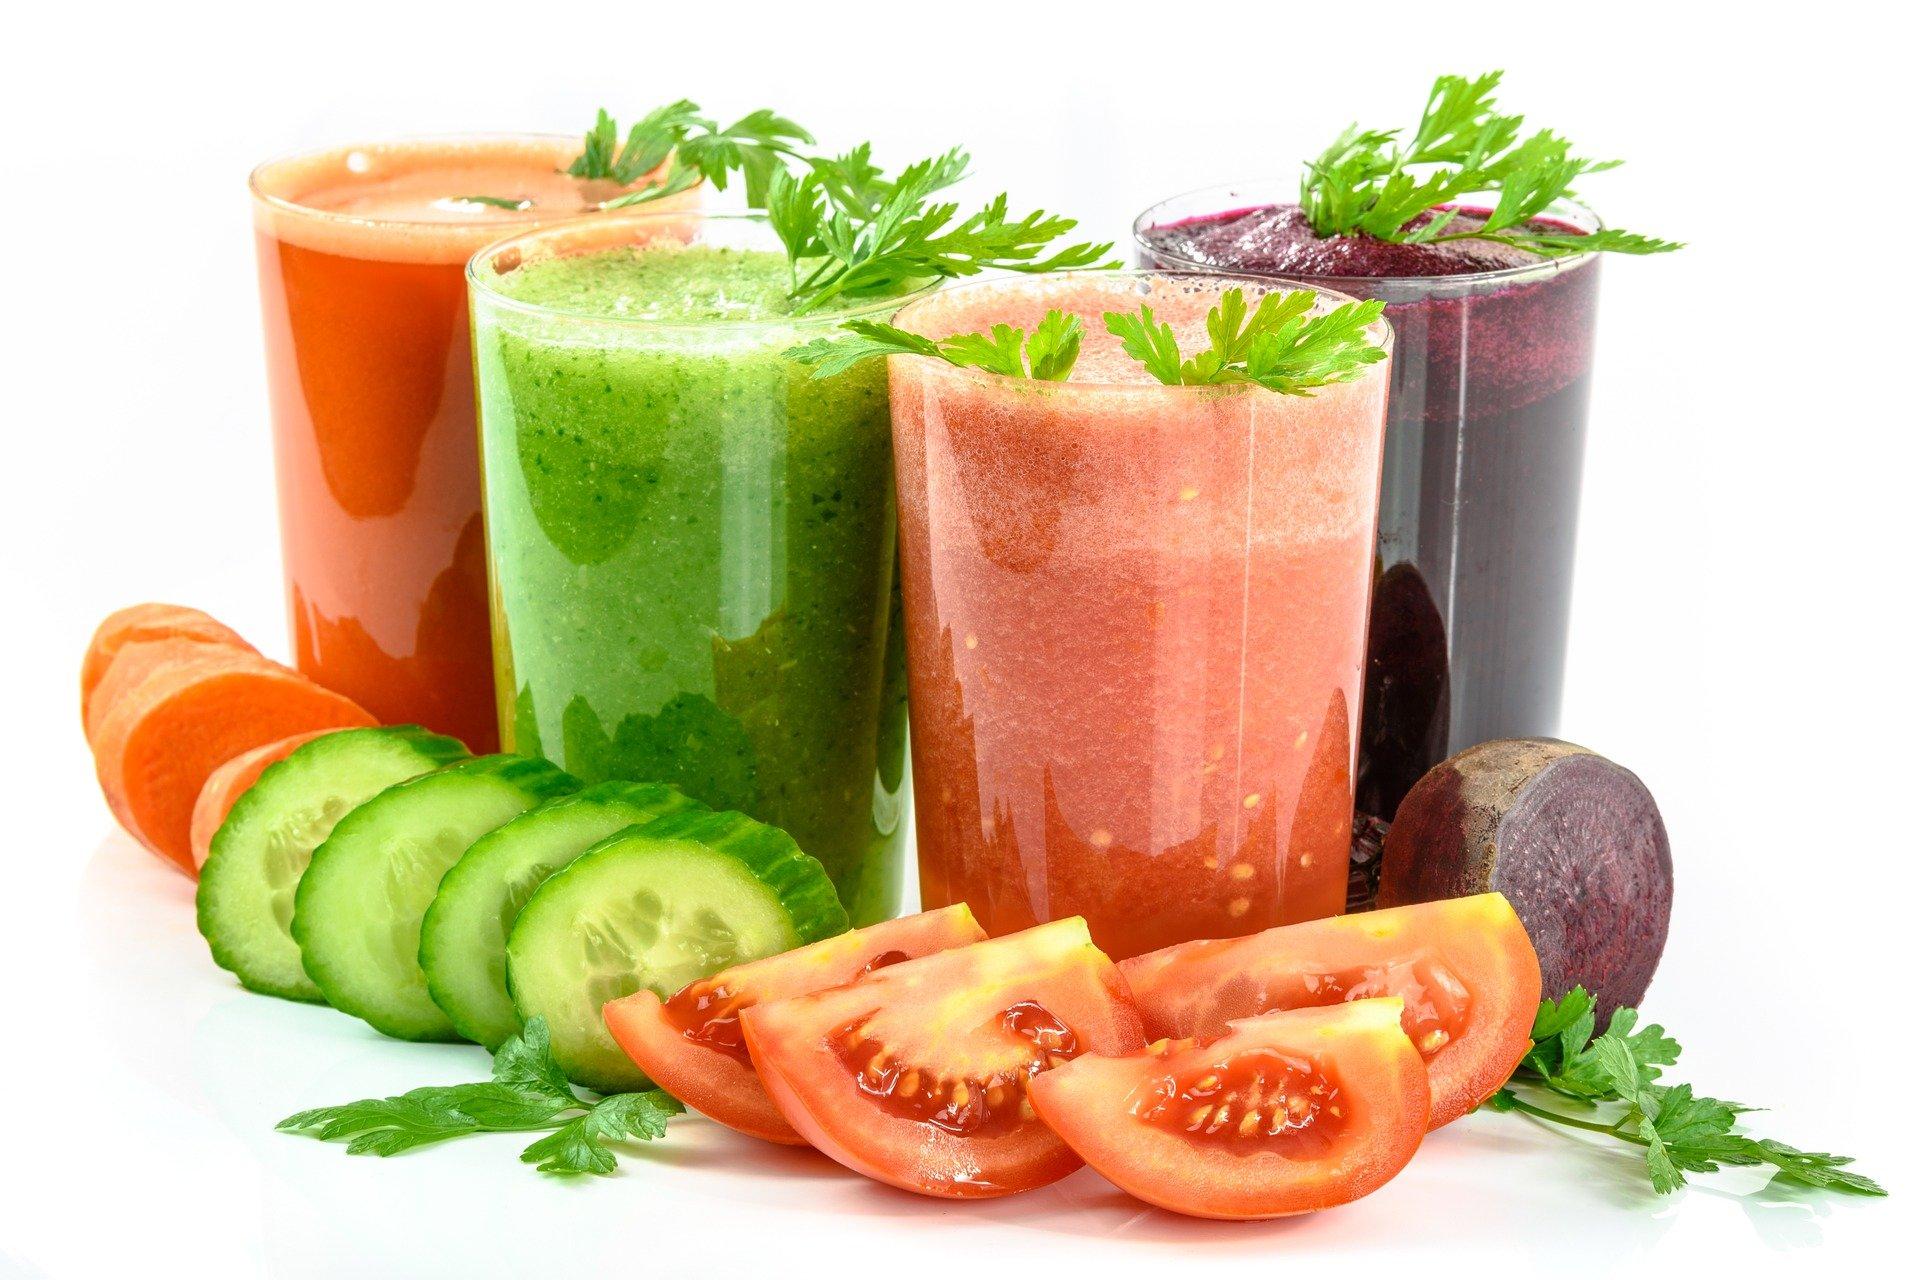 Dieta detox: ¿es bueno cambiar tu dieta por batidos?